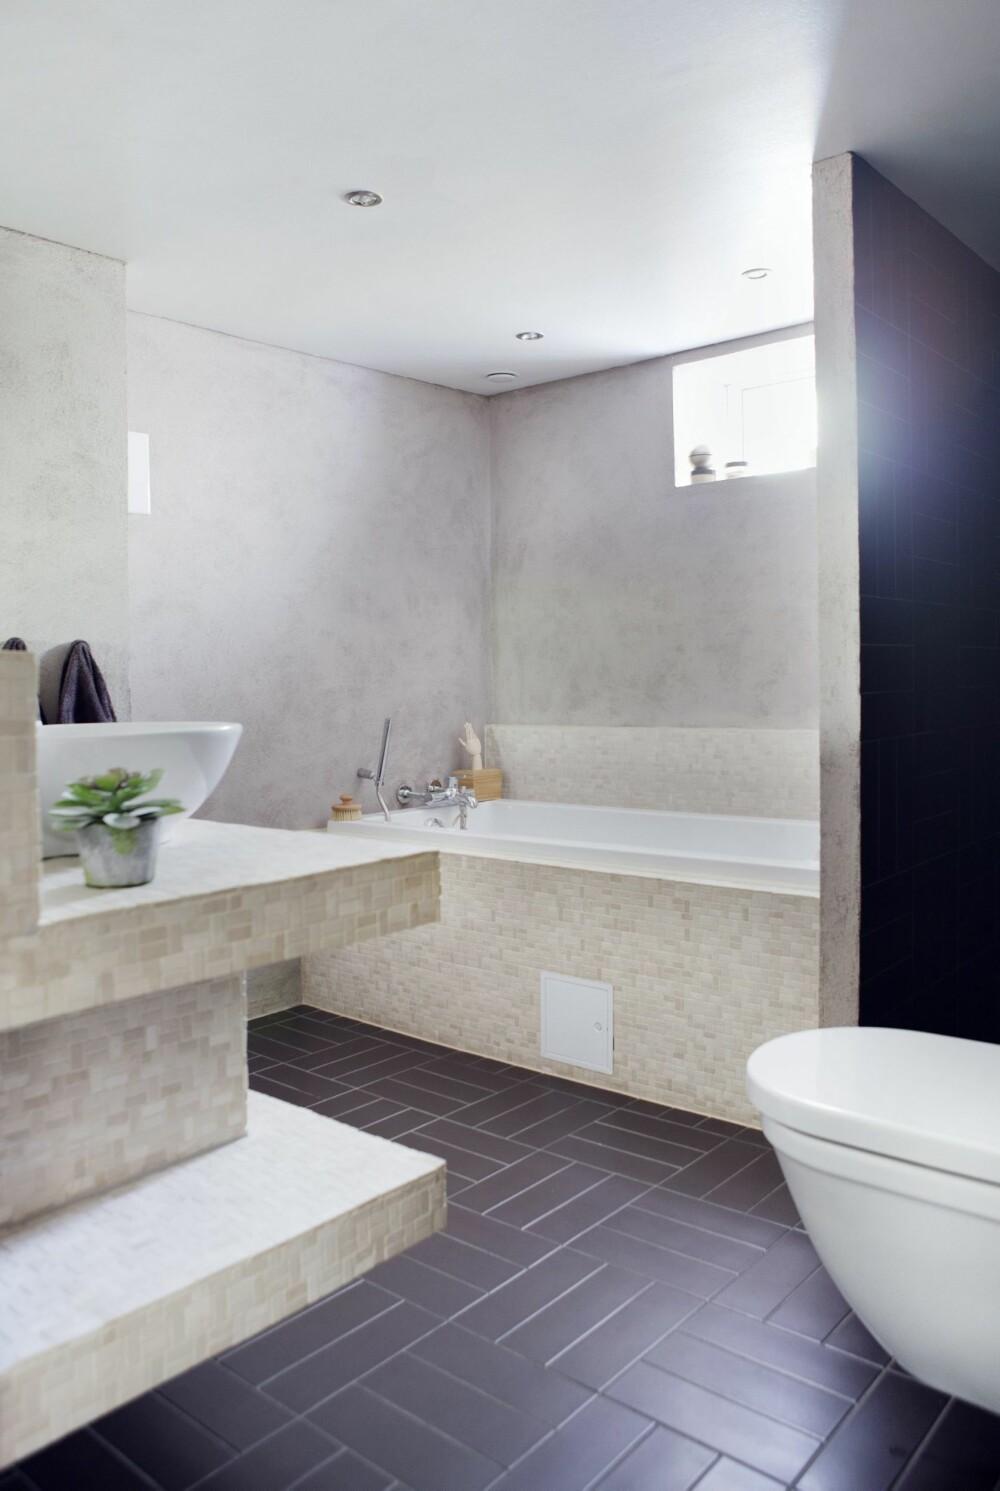 UTRADISJONELLE VALG: Servantmøbelet er bygget av Litex-plater og dekket med marmormosaikkfliser fra Right Price Tiles. De rektangulære gulvflisene fra Modena er lagt i mønster etter Birgits spesifikasjoner. Veggene er malt i fargen River Silt fra Pure & Original, malingen må forsegles når den brukes på bad, og tåler ikke direkte vannsprut! Styling: Tone Kroken.